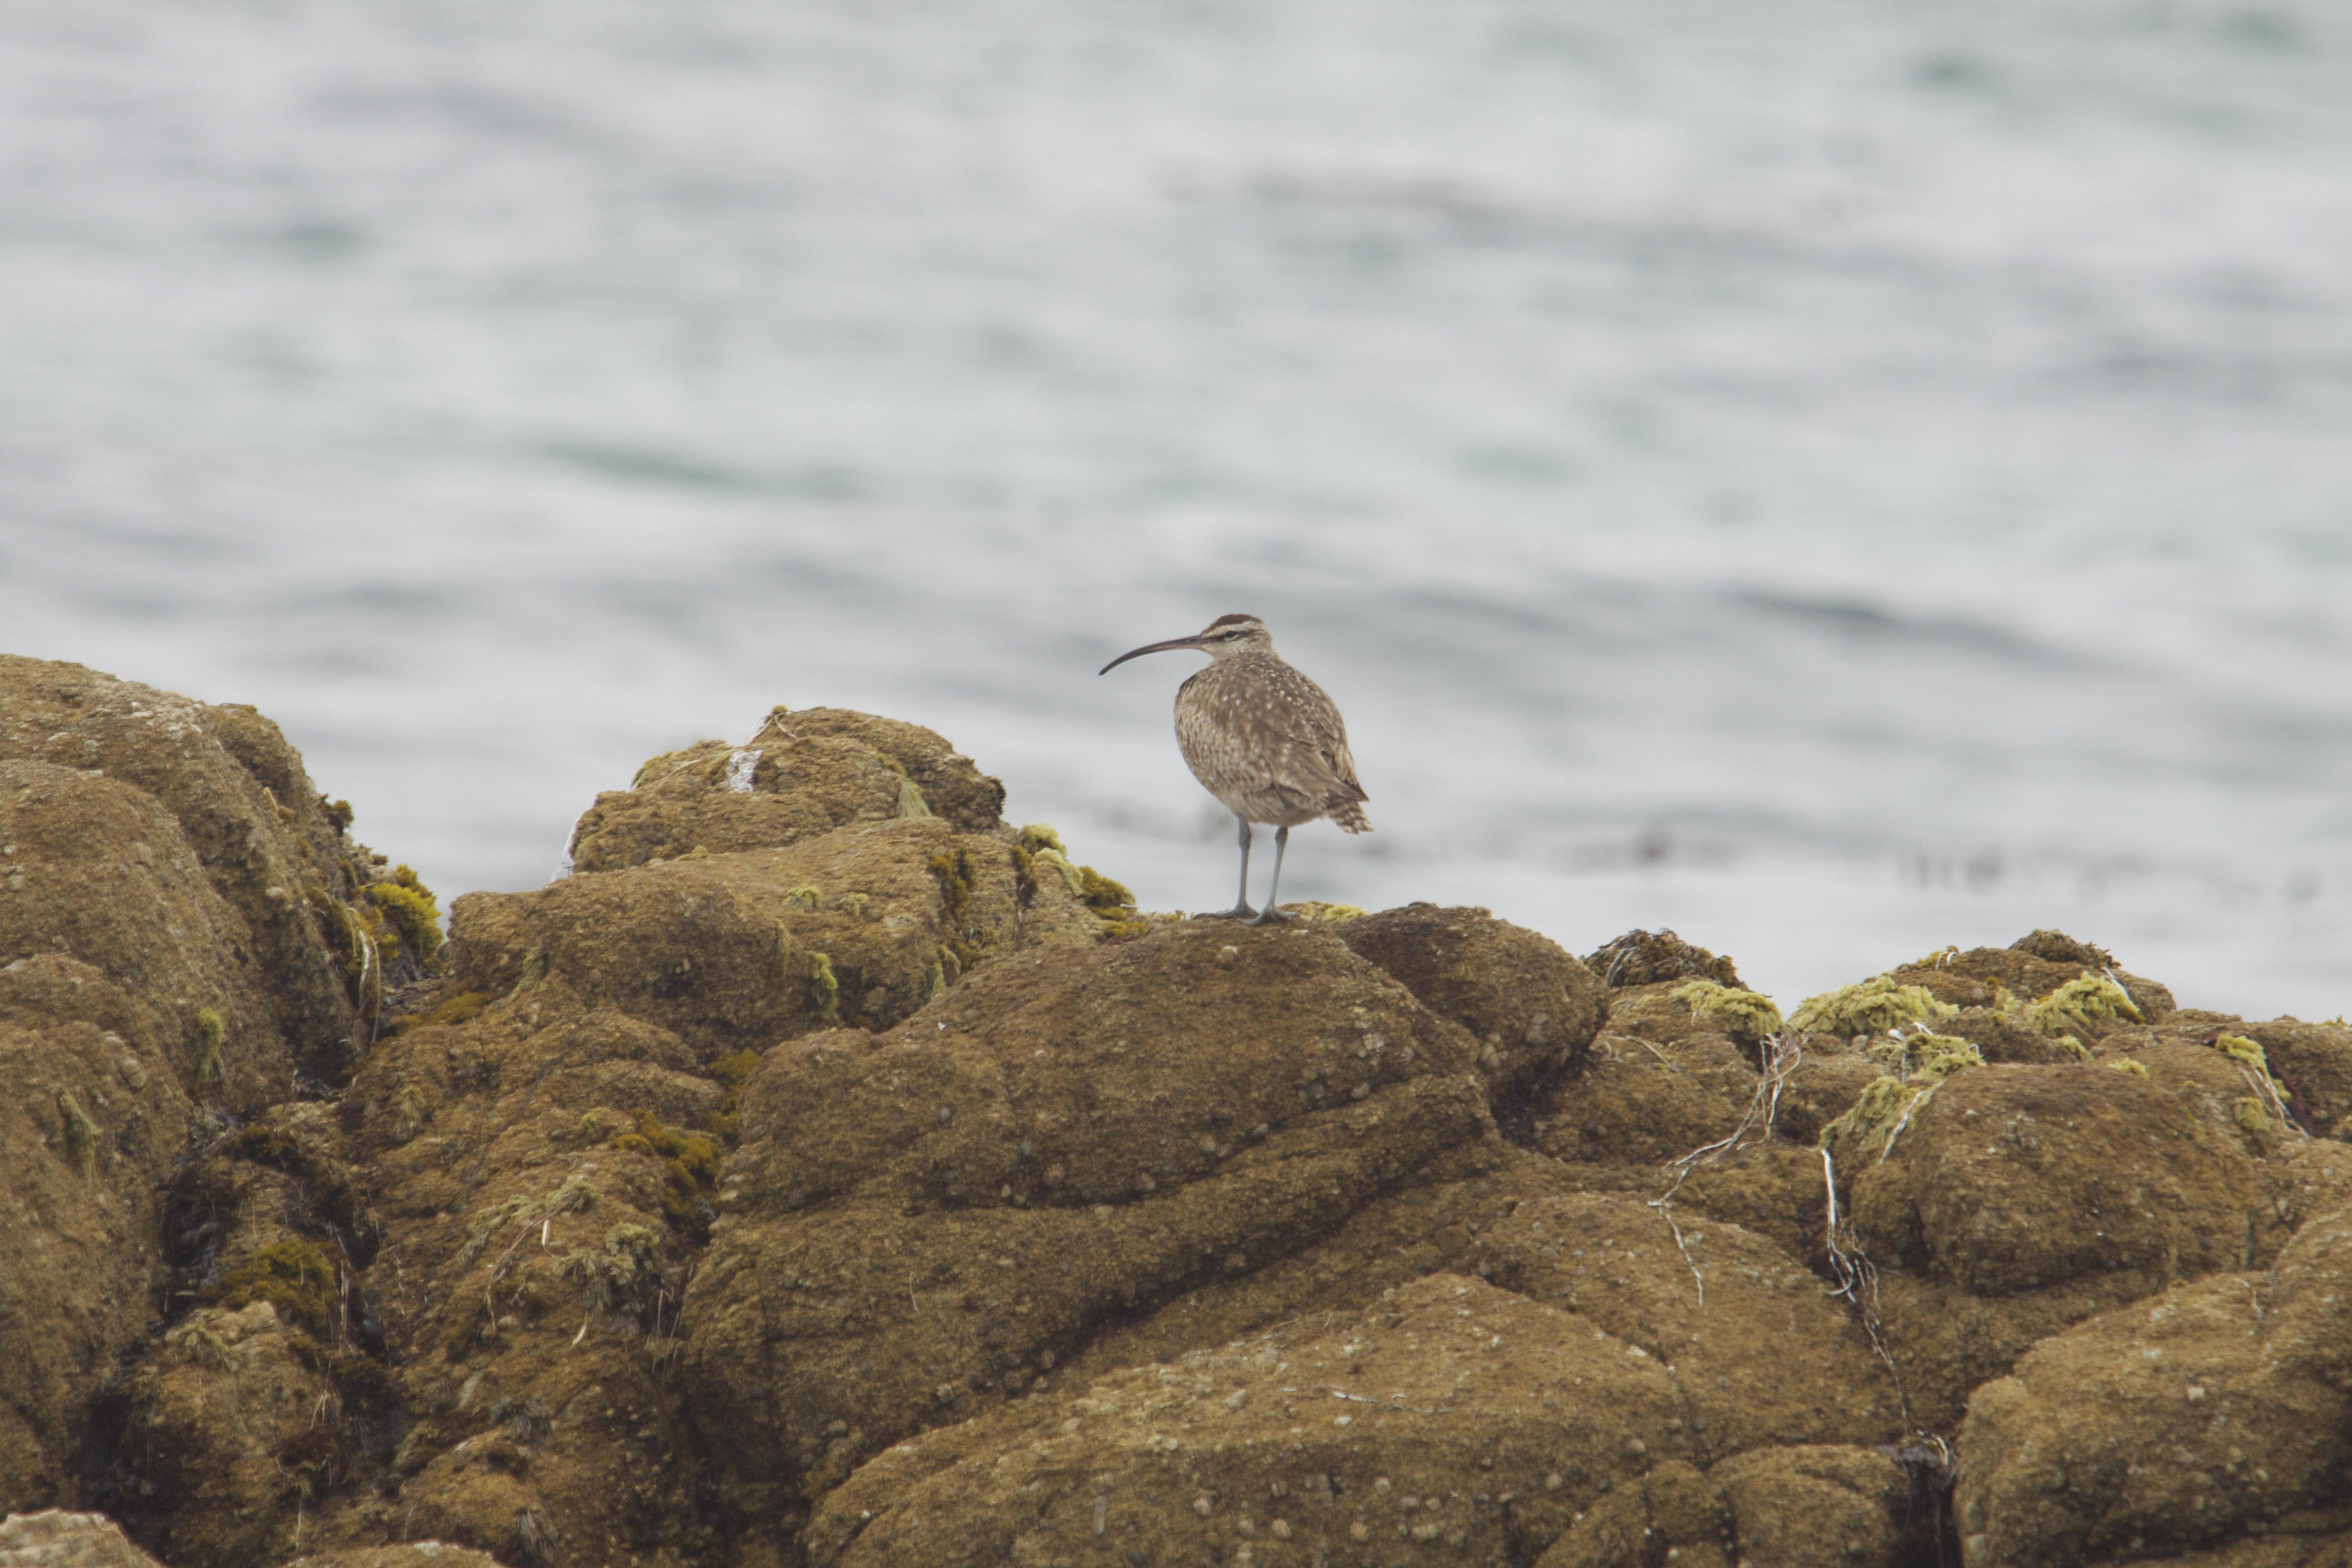 Whimbrel Near Monterey Bay